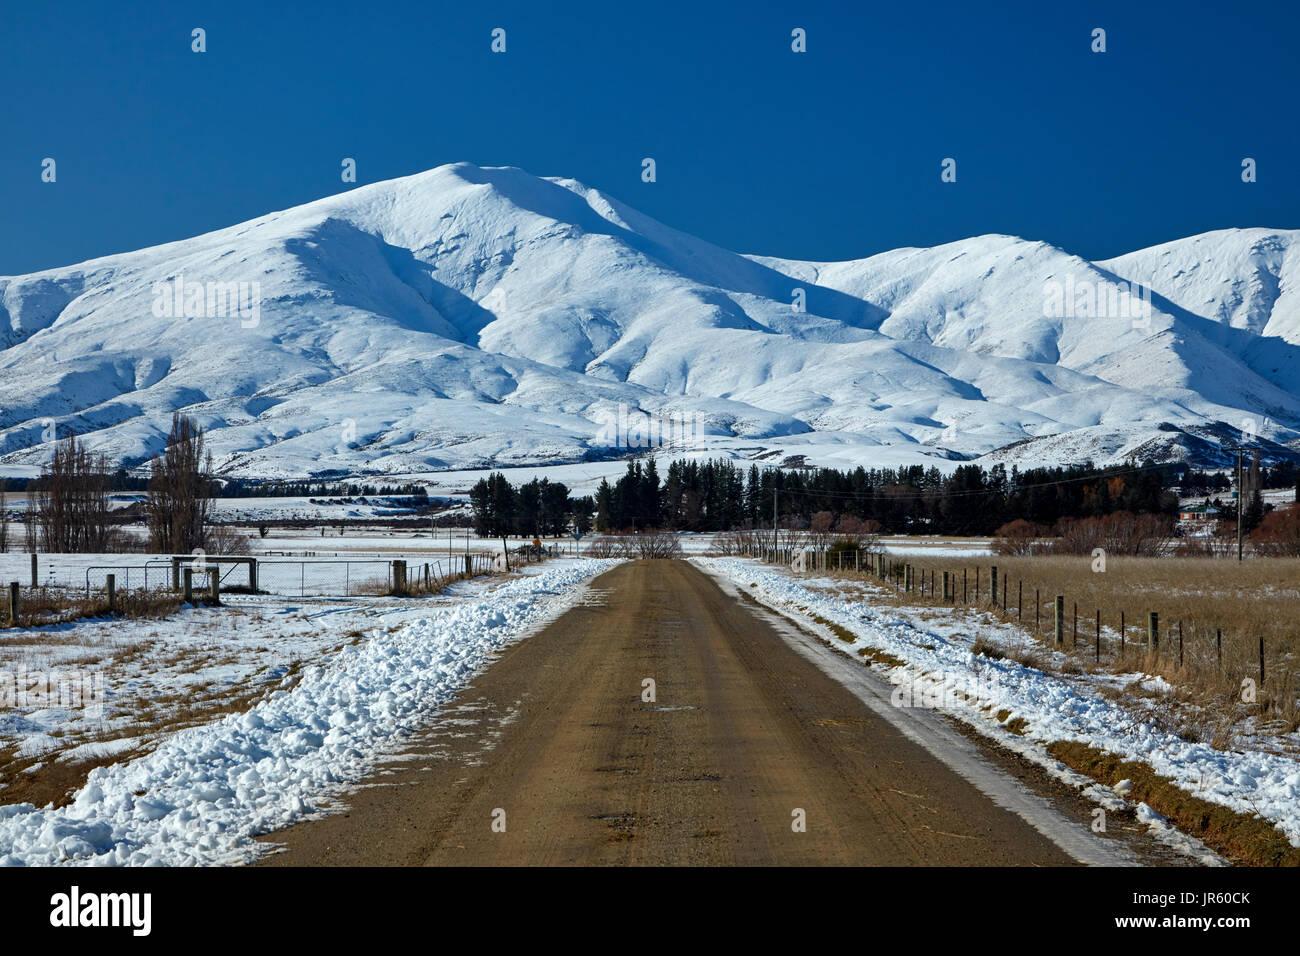 Route de Danseys Pass et Kakanui Montagnes, Proche, Ranfurly Maniototo, Central Otago, île du Sud, Nouvelle-Zélande Photo Stock